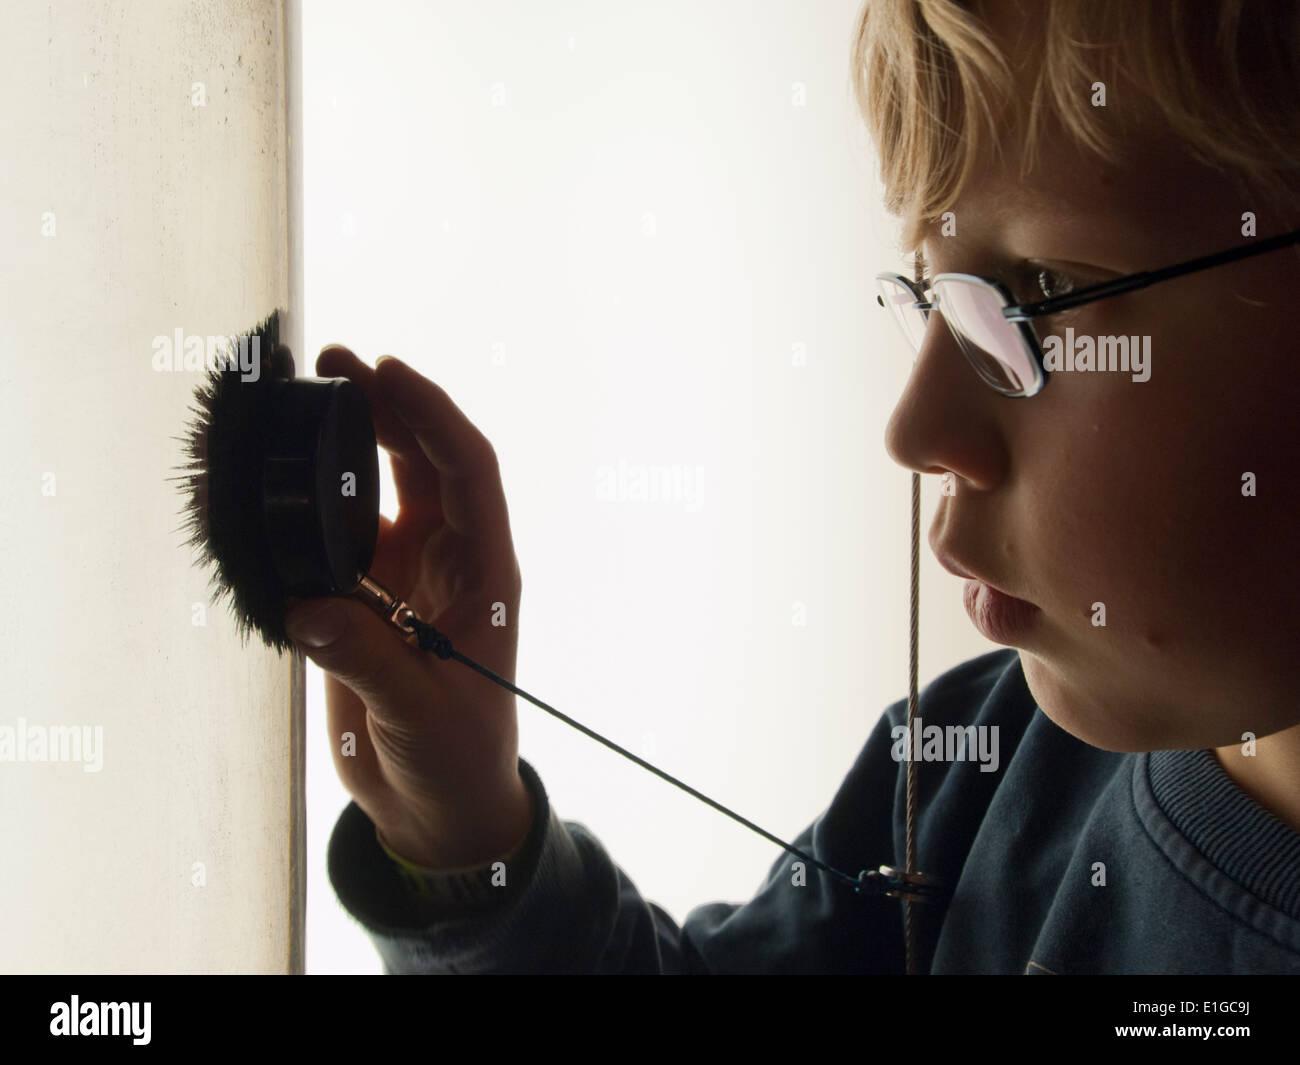 Un garçon de 12 ans est à regarder la limaille de fer dans un réservoir d'eau qui sont attirés par un aimant puissant qui s'est tenue dans la main du garçon Photo Stock